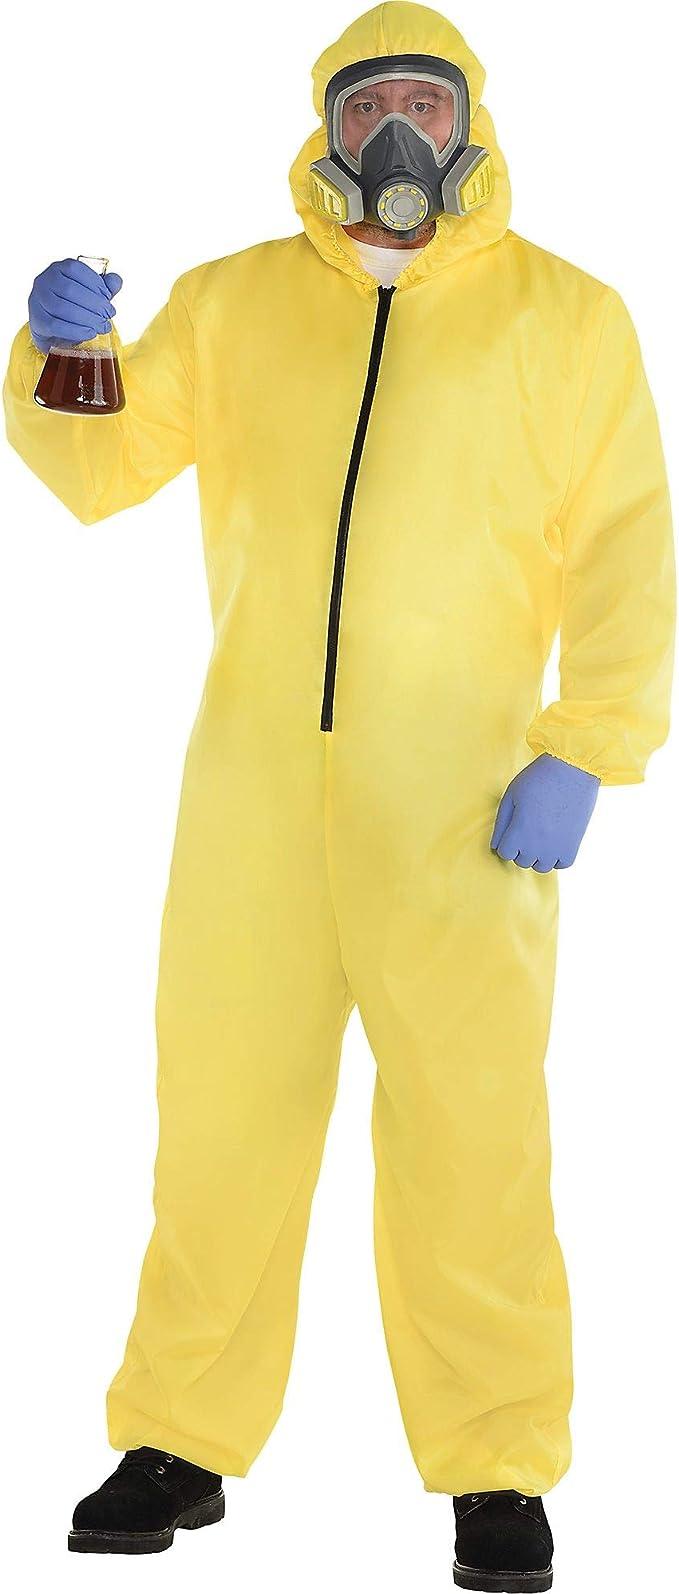 hazmat suit halloween costume